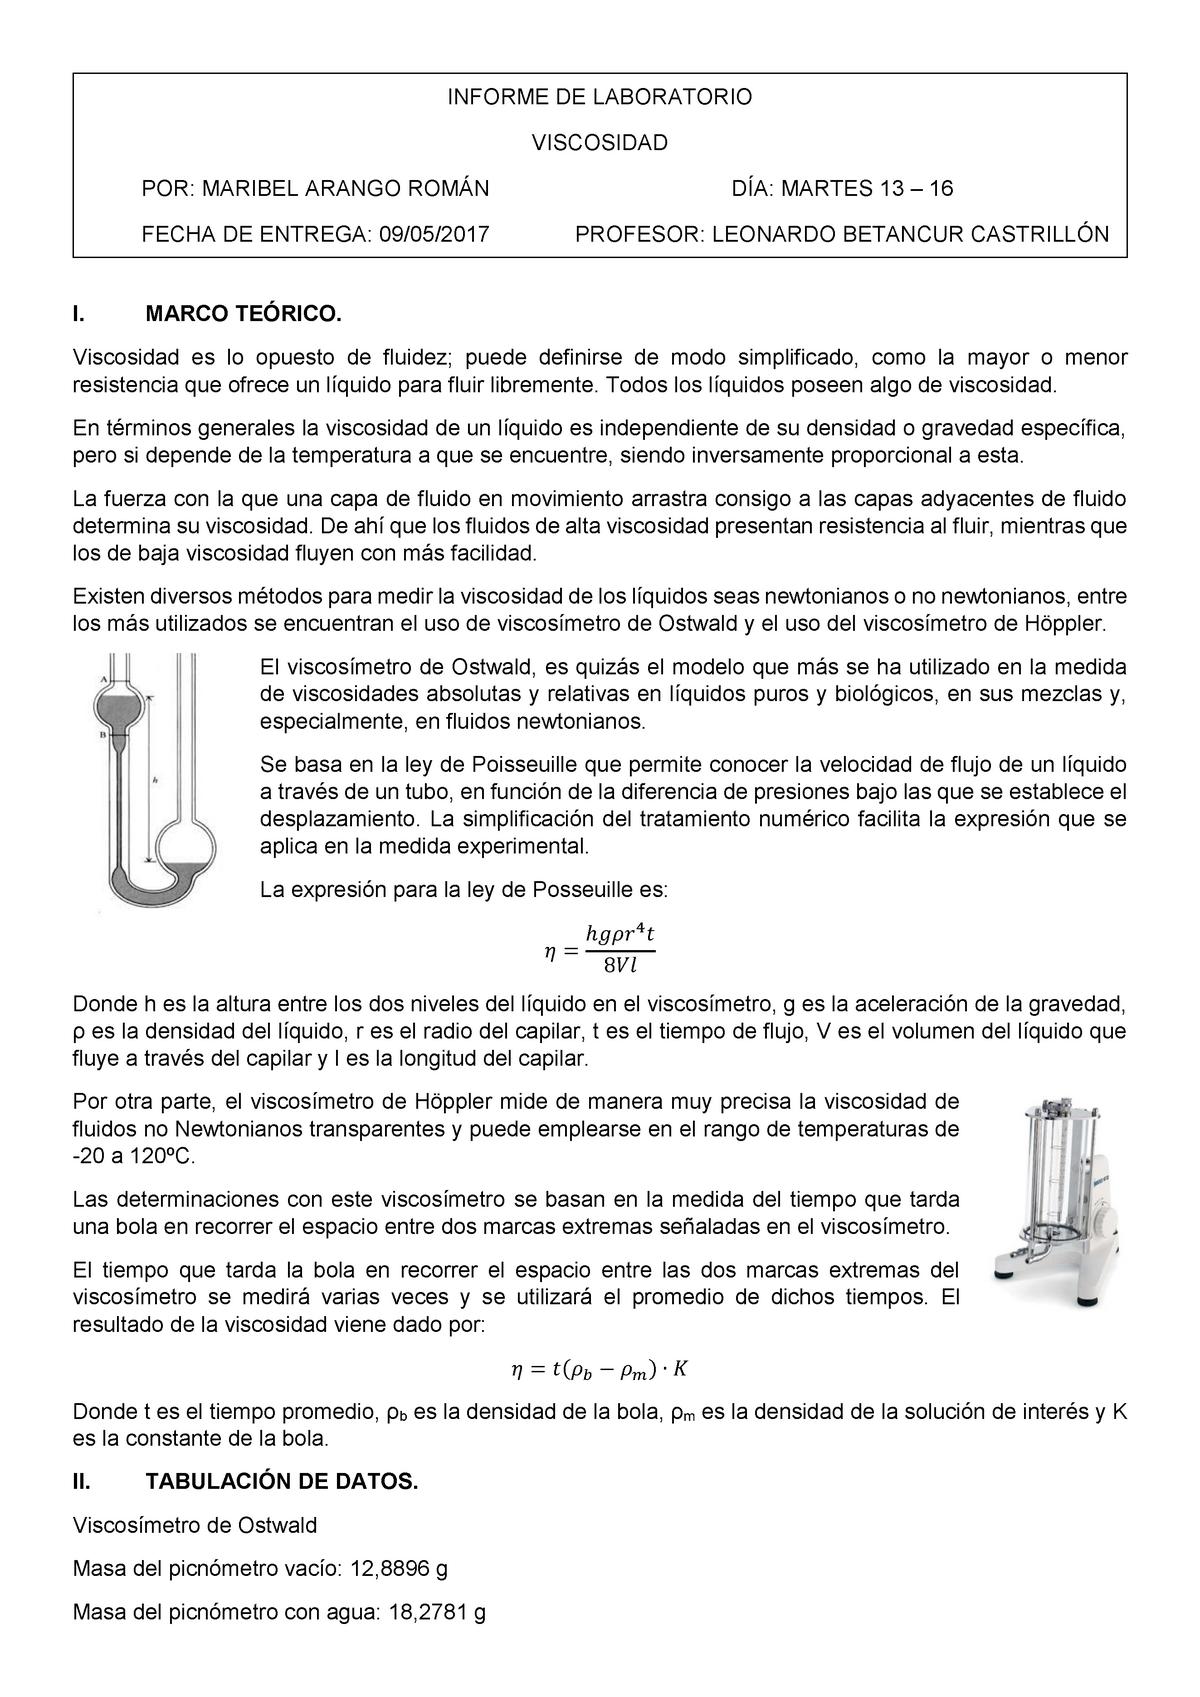 Viscosimetro De Ostwald Pdf